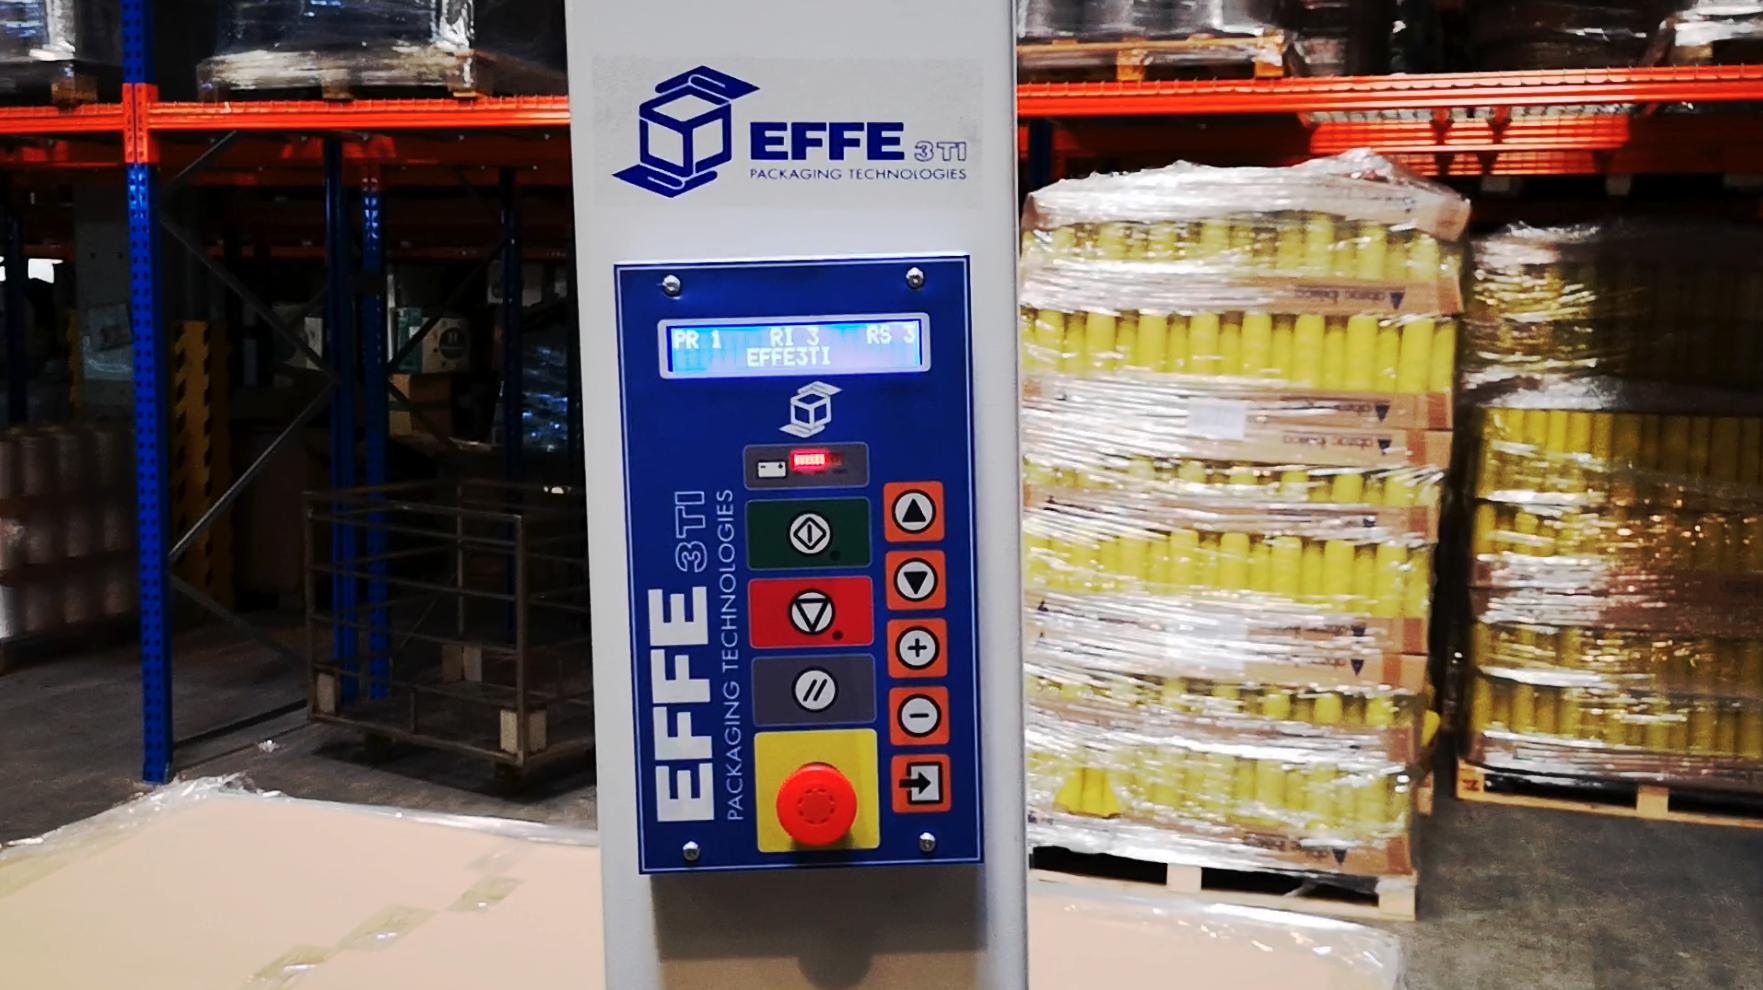 Imágenes Effe3ti-robot1